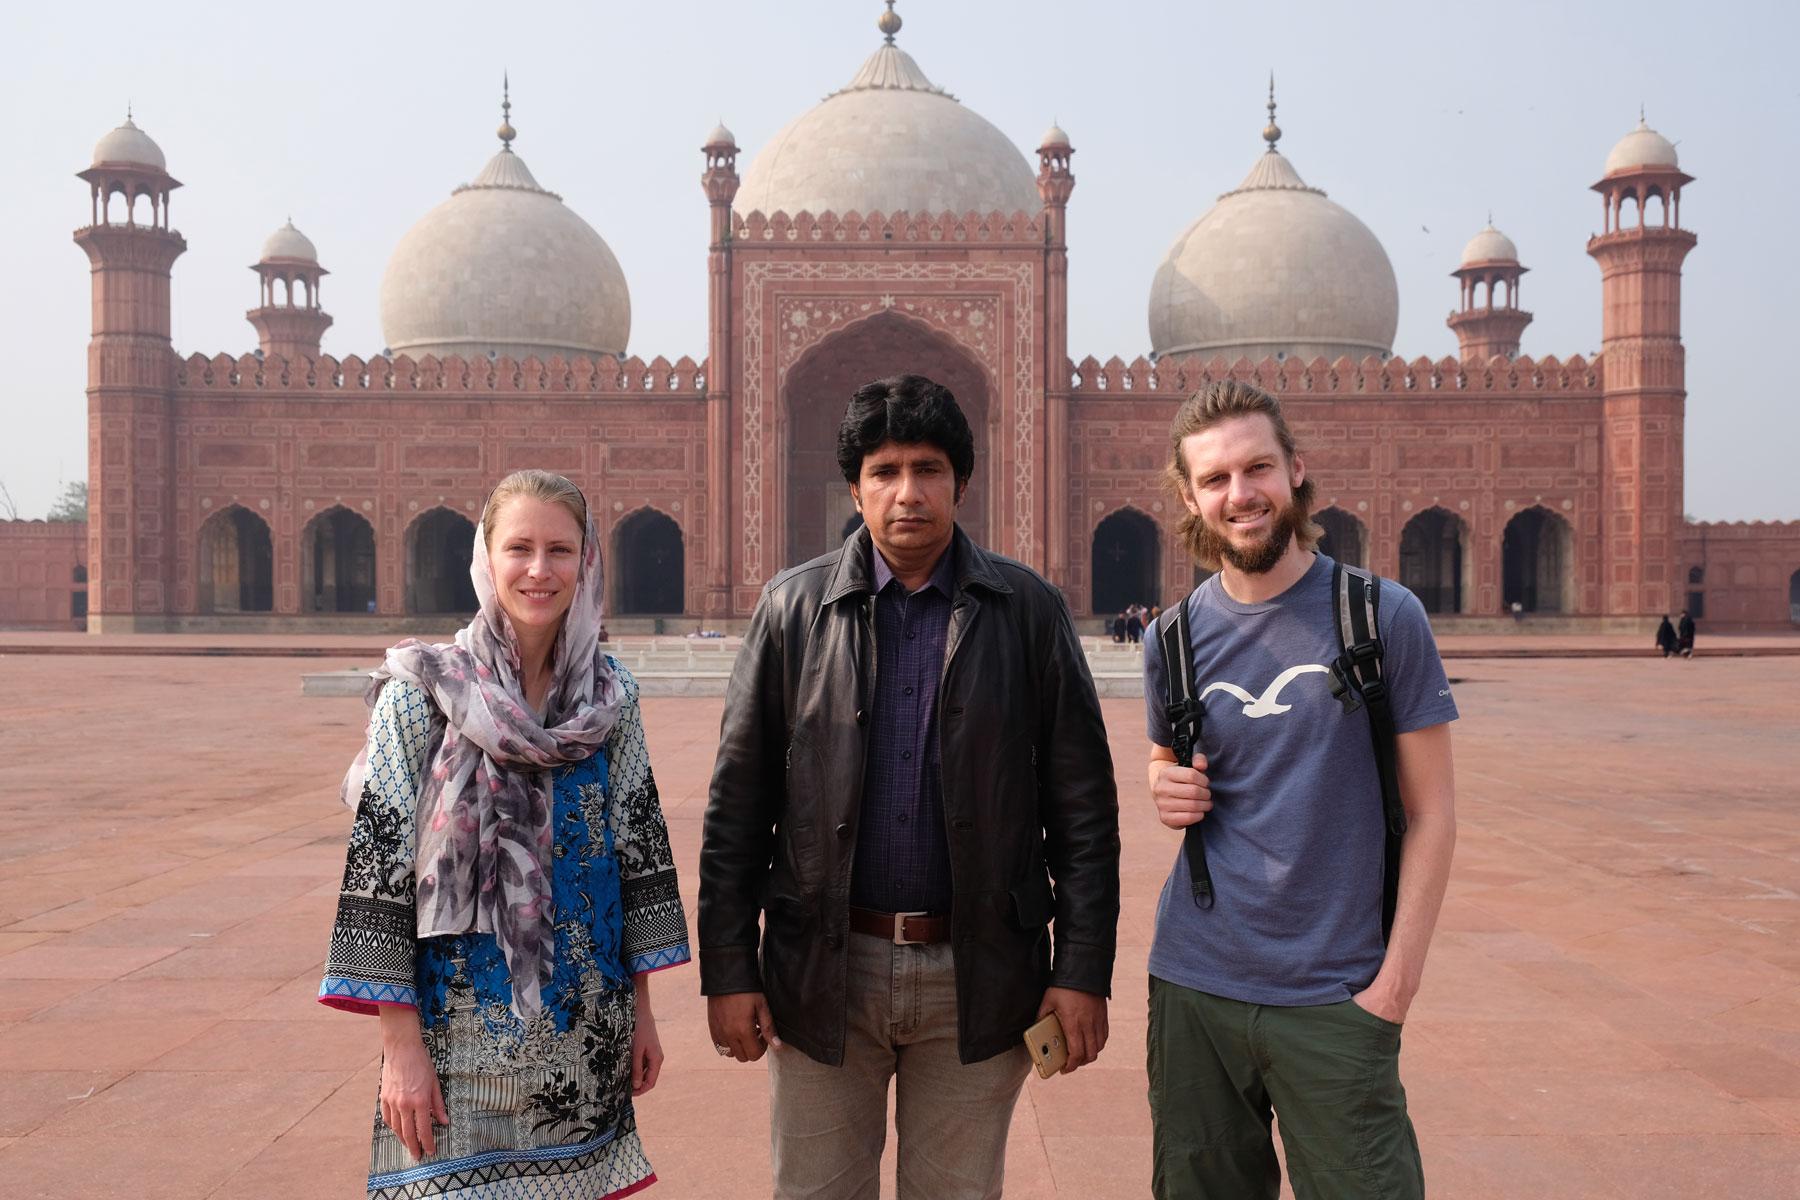 Unser Guide Maqbool führt uns durch die Moschee und erklärt uns allerhand Details zum historischen Bauwerk